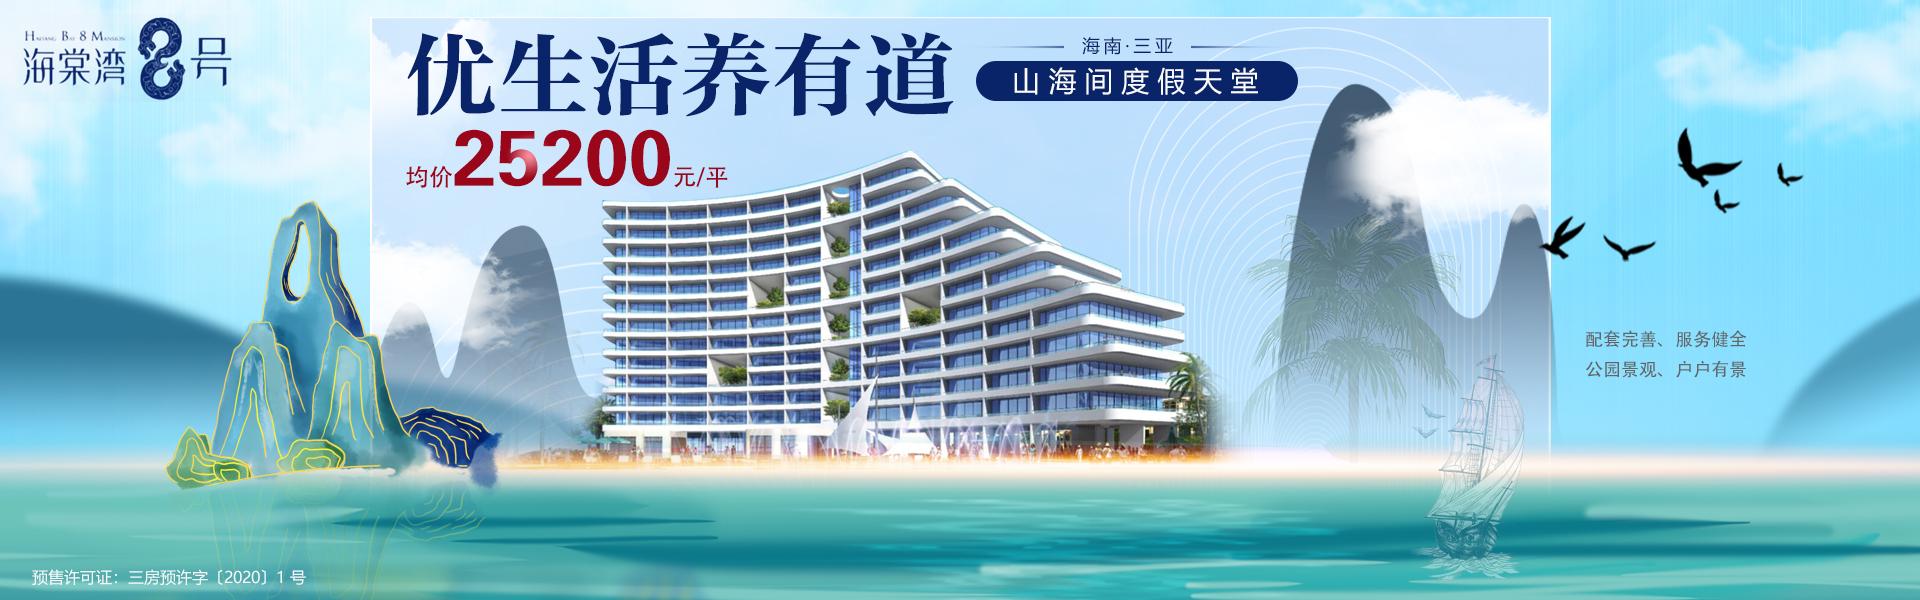 海棠湾8号